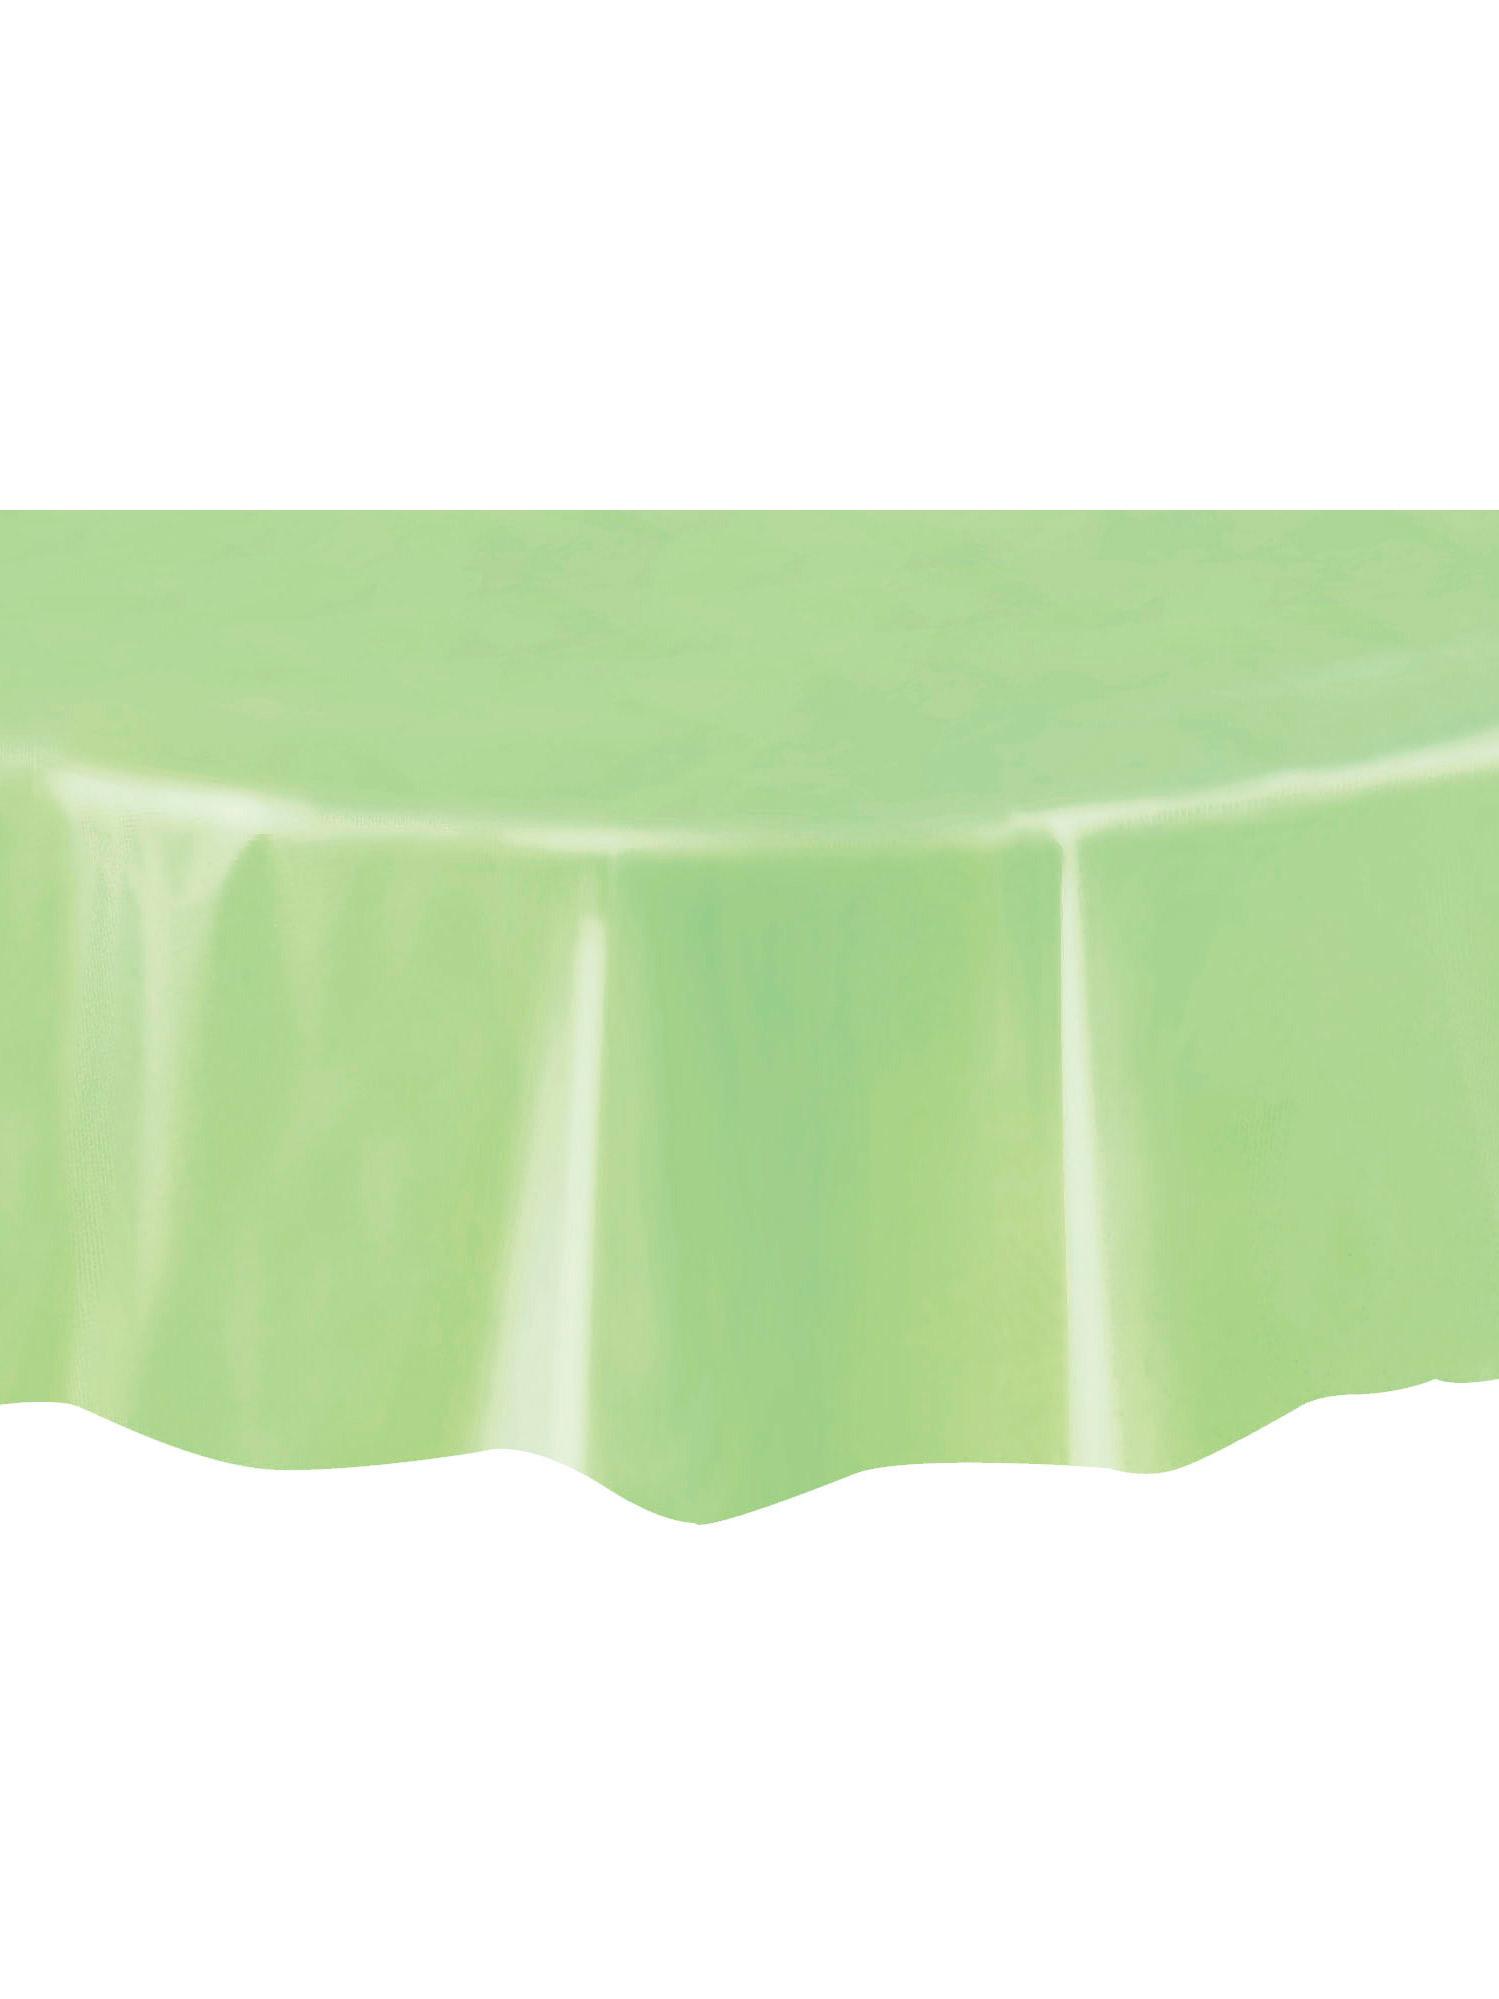 nappe ronde vert pomme en plastique 213 cm d coration anniversaire et f tes th me sur vegaoo. Black Bedroom Furniture Sets. Home Design Ideas